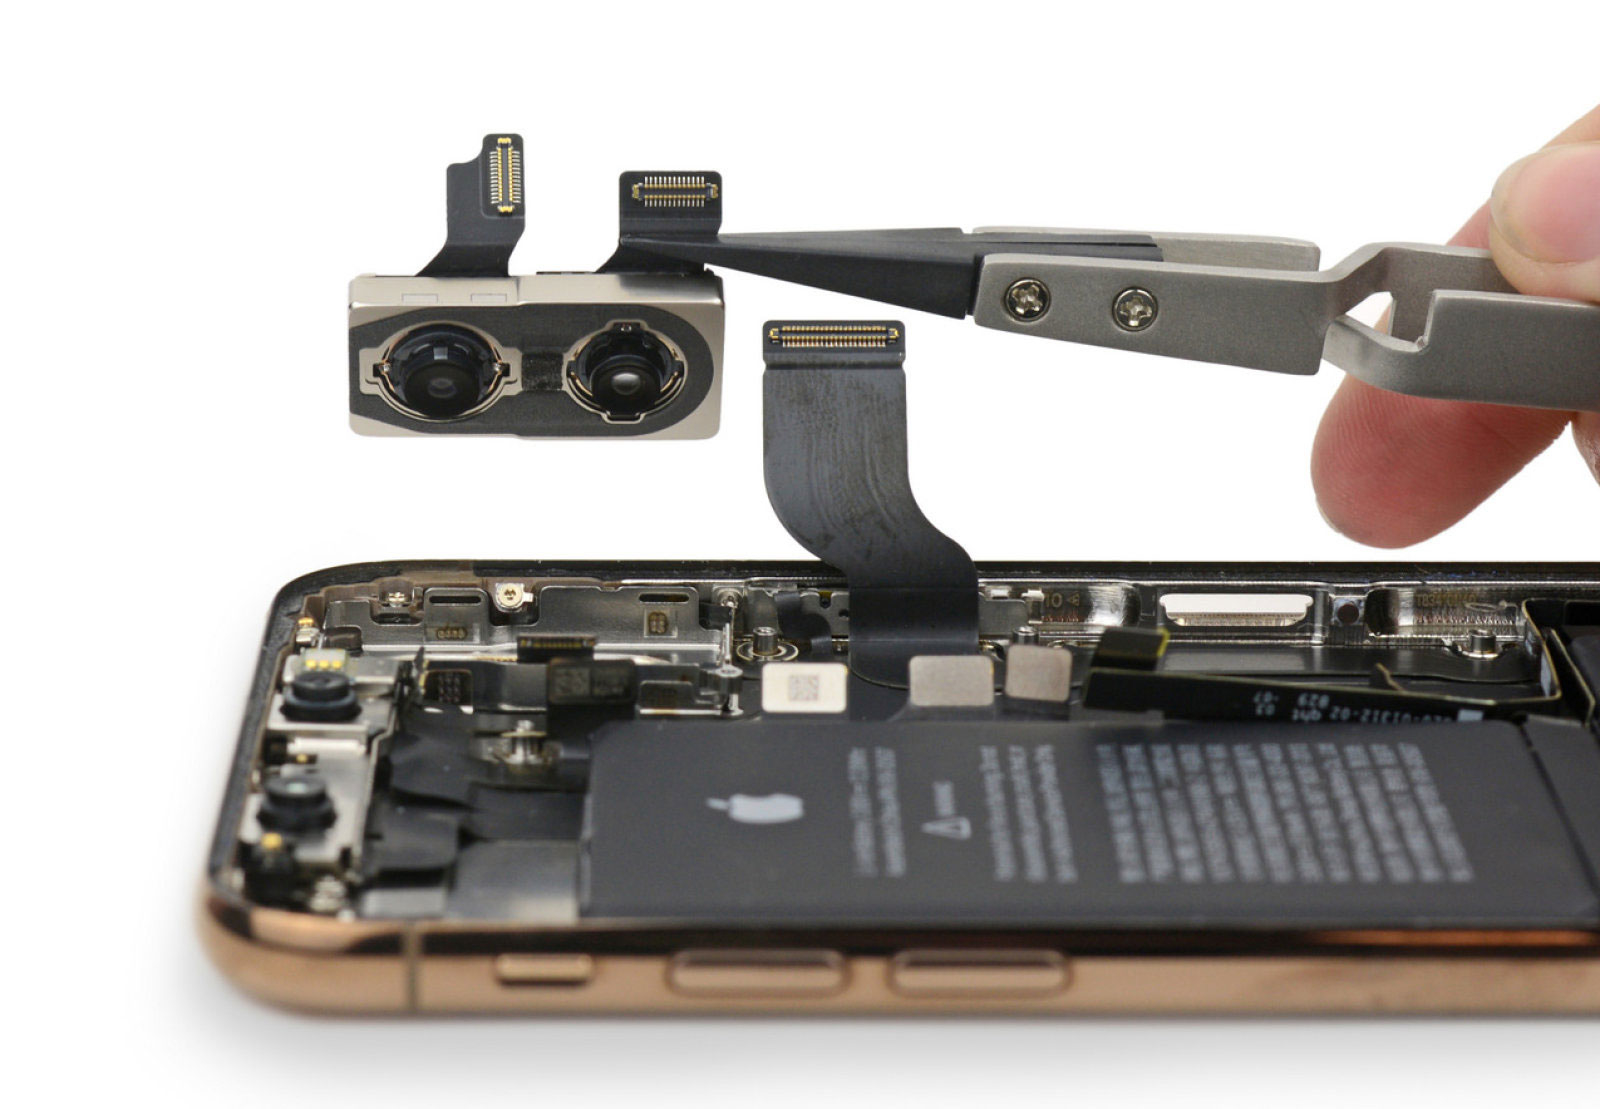 Obrázek: Jak vypadají nové iPhony uvnitř? Po rozebrání na šroubky překvapila malá baterie a podoba s iPhone X